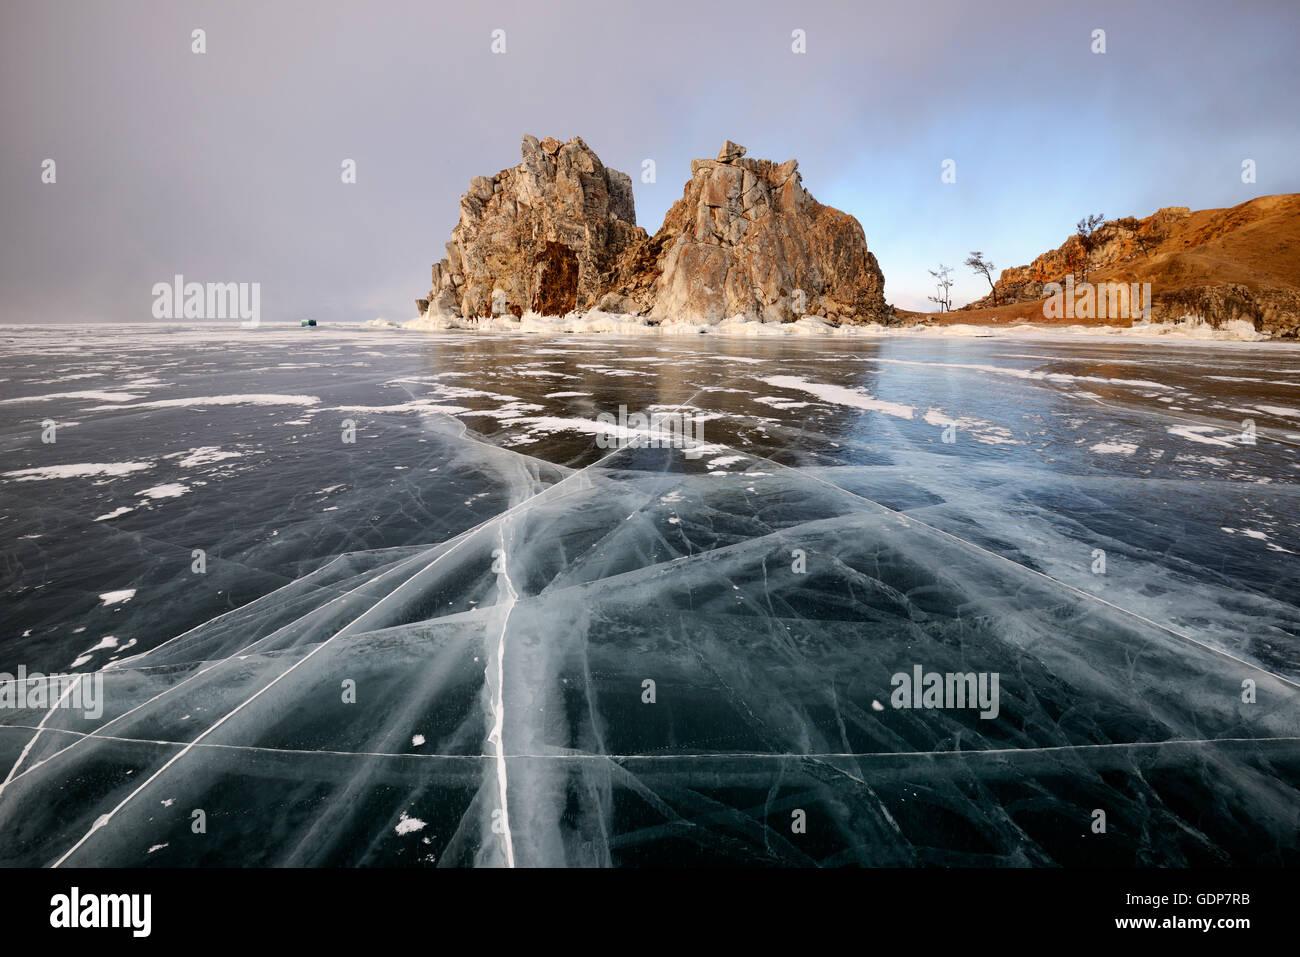 Avis de glace et rocher Chamanka sur Cap Burkhan, lac Baïkal, l'île Olkhon, Sibérie, Russie Photo Stock